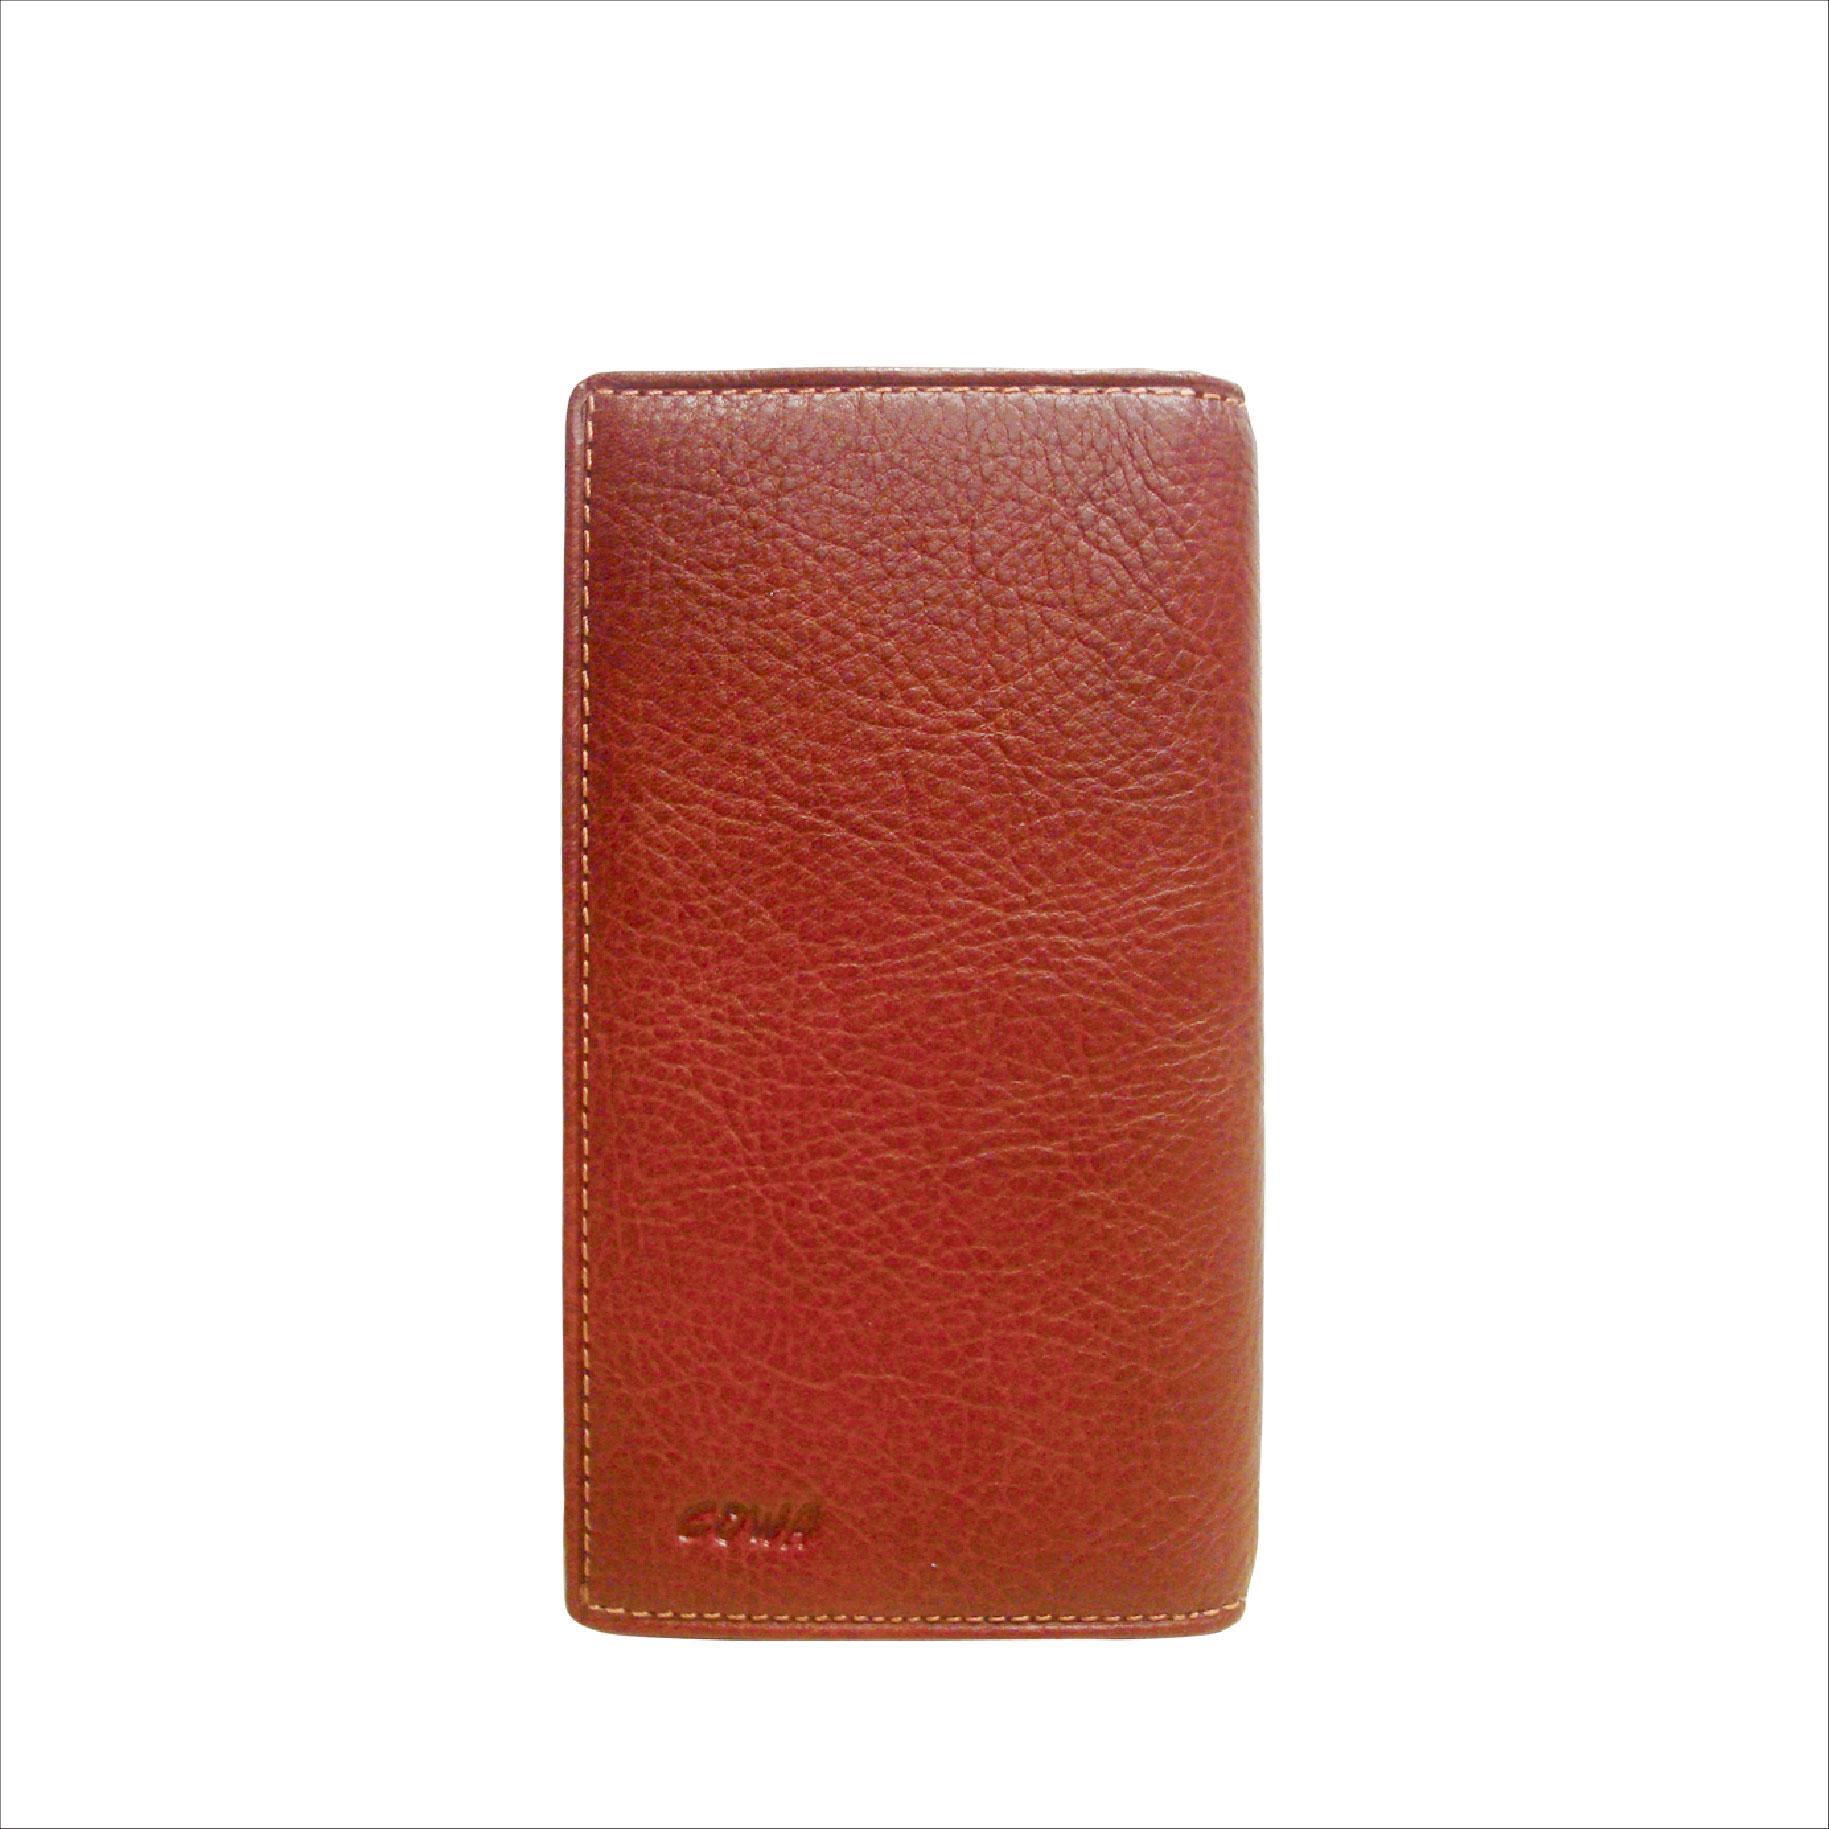 書本式手機皮夾